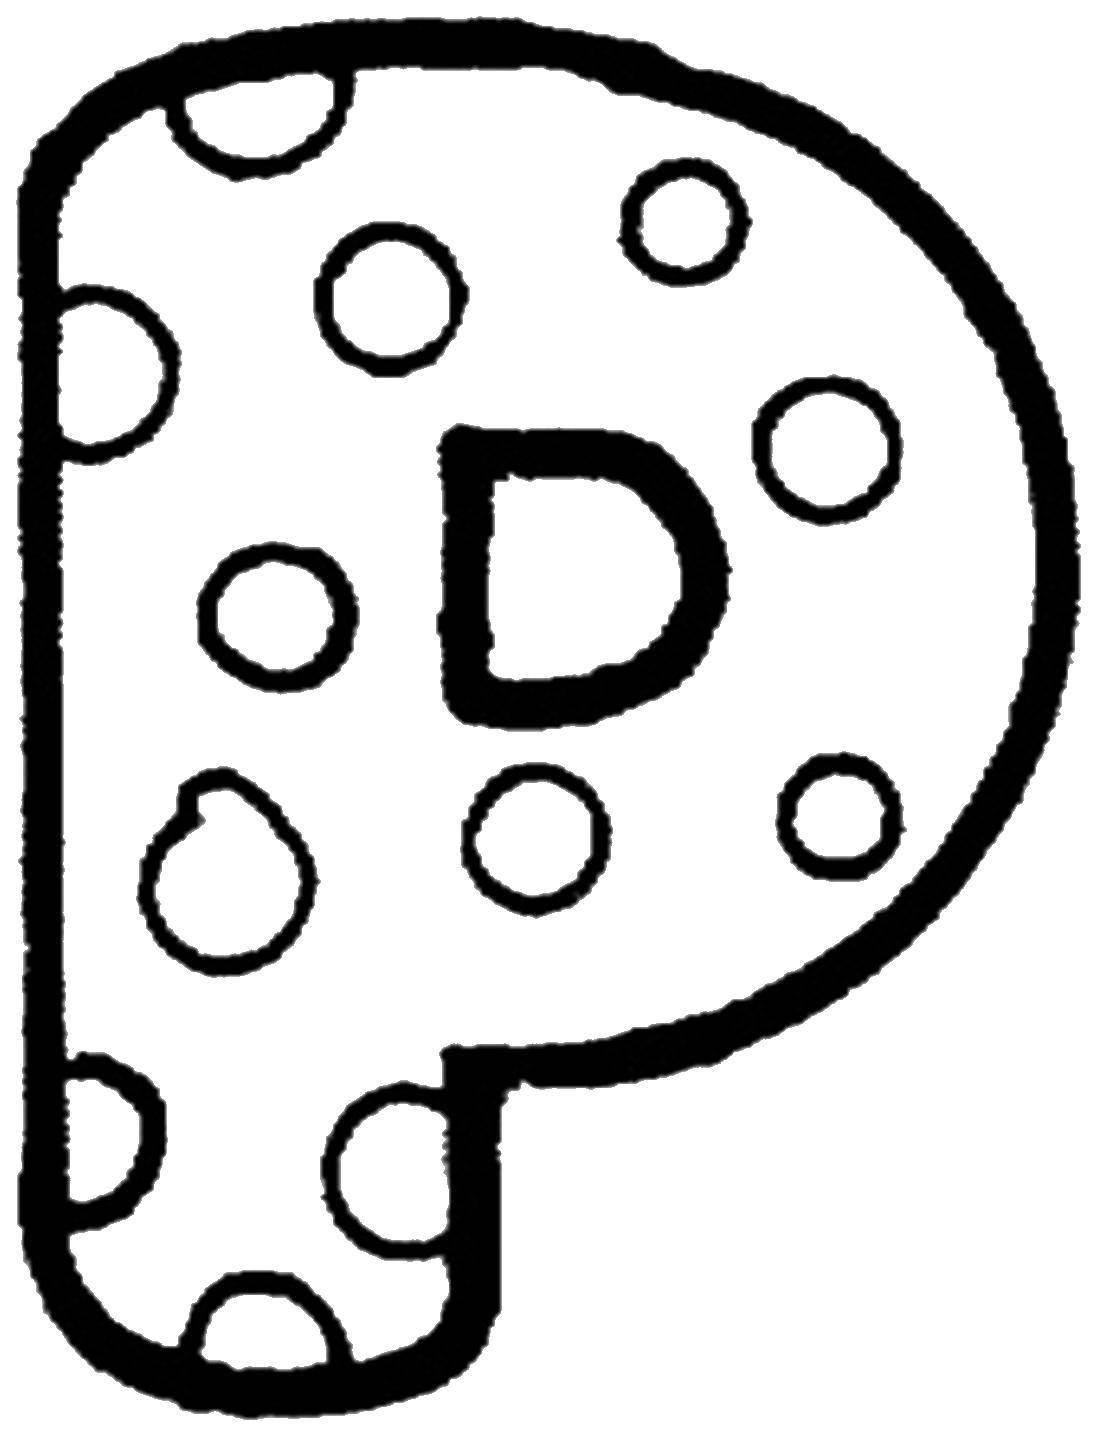 Раскраска Буквы Скачать черепашки ниндзя, Донателло.  Распечатать ,черепашки ниндзя,